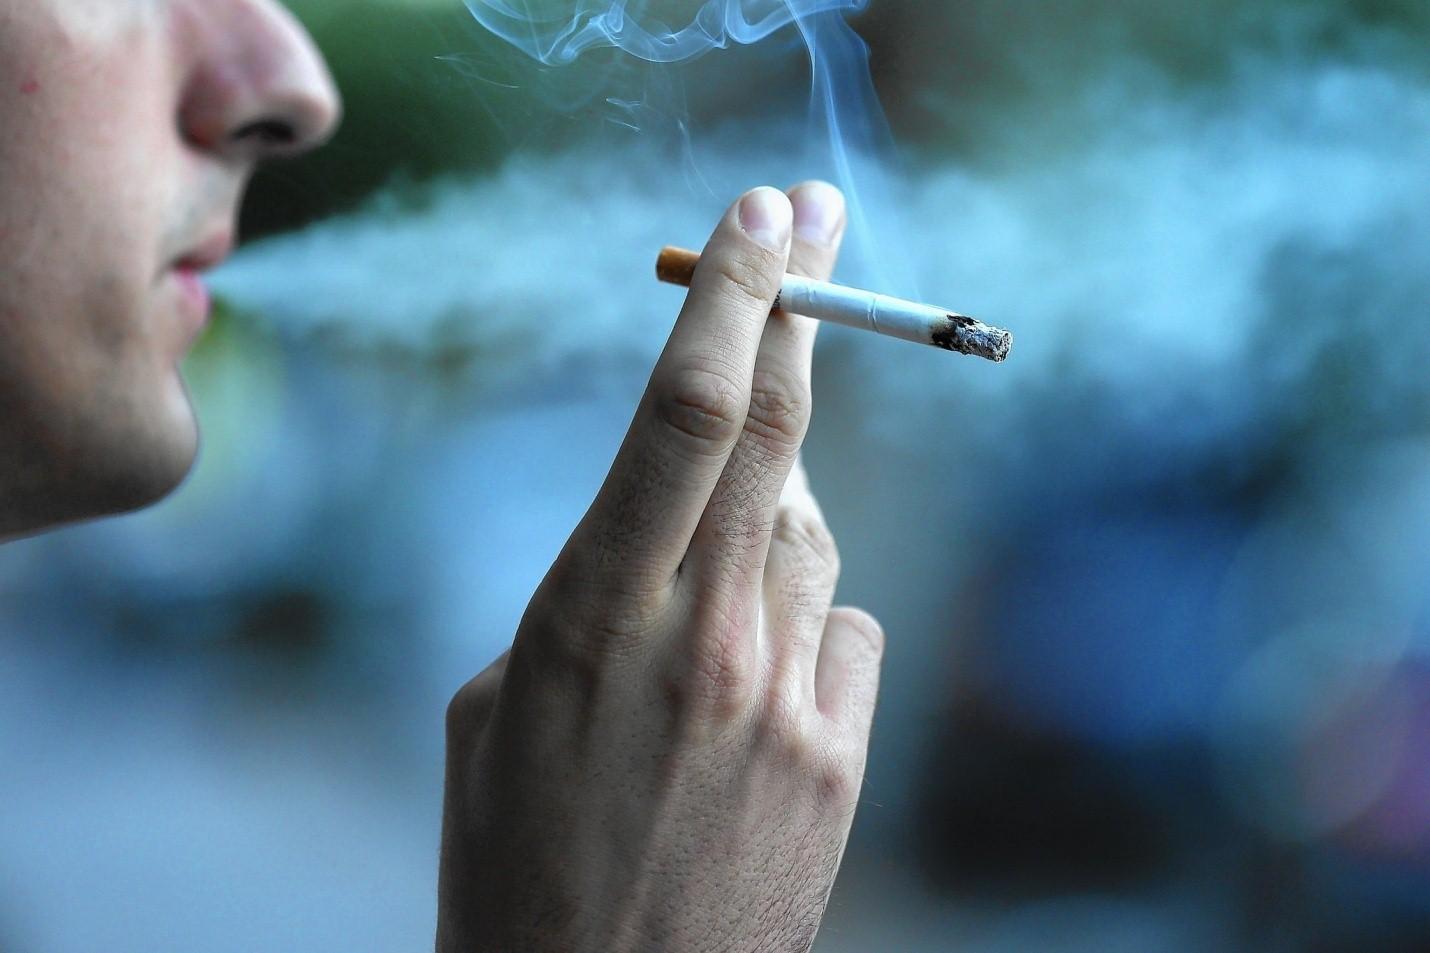 Drug abuse and smoking